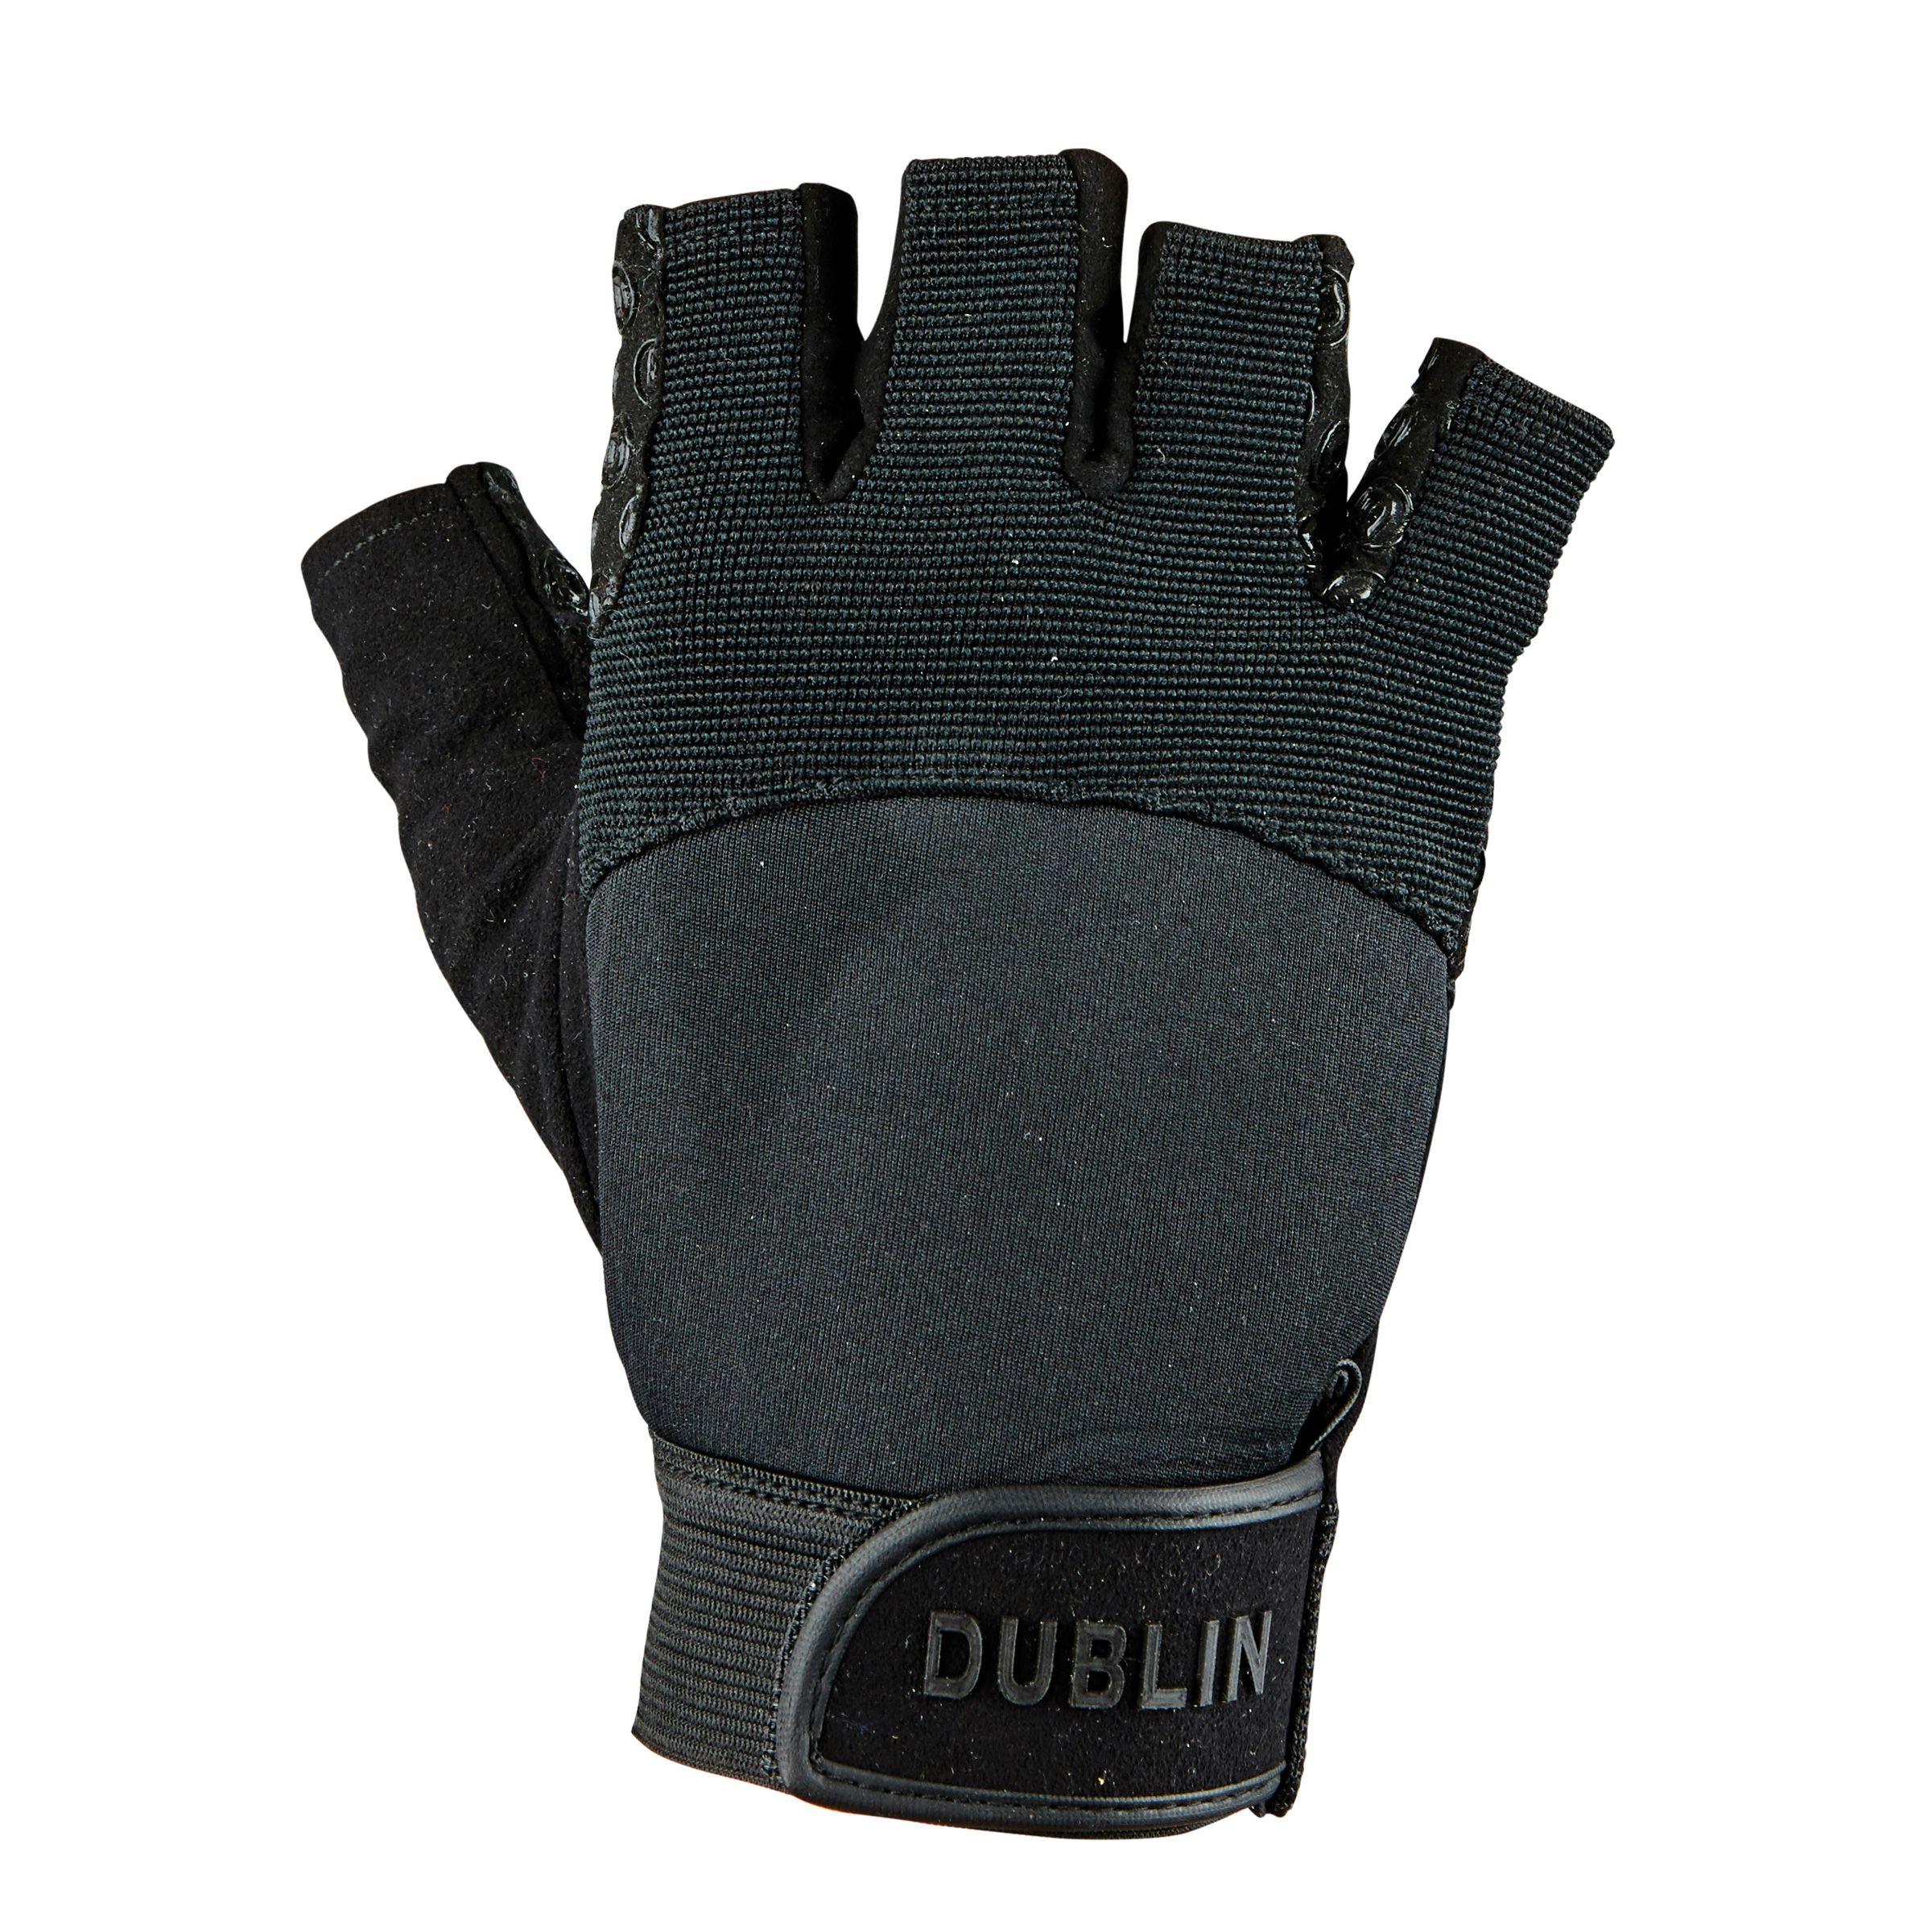 Dublin Fingerless Cross Country Riding Gloves